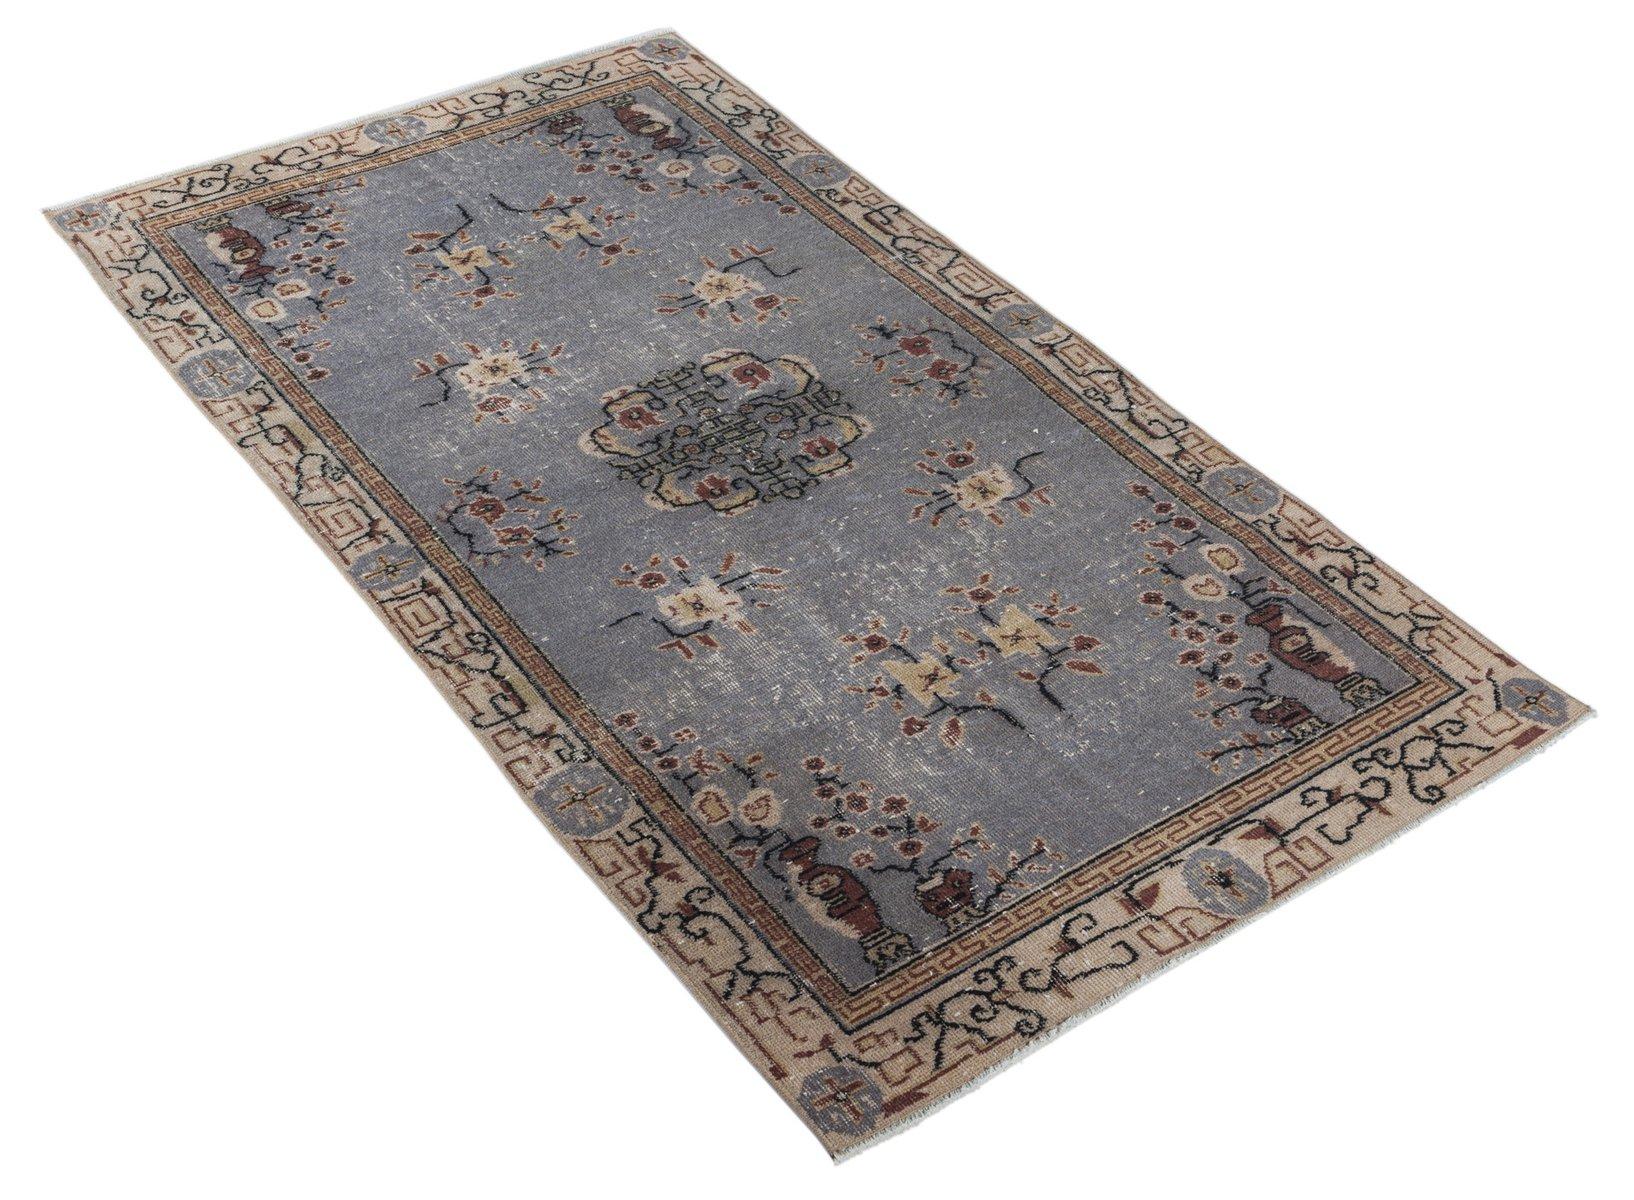 tapis bleu surteint turquie en vente sur pamono. Black Bedroom Furniture Sets. Home Design Ideas